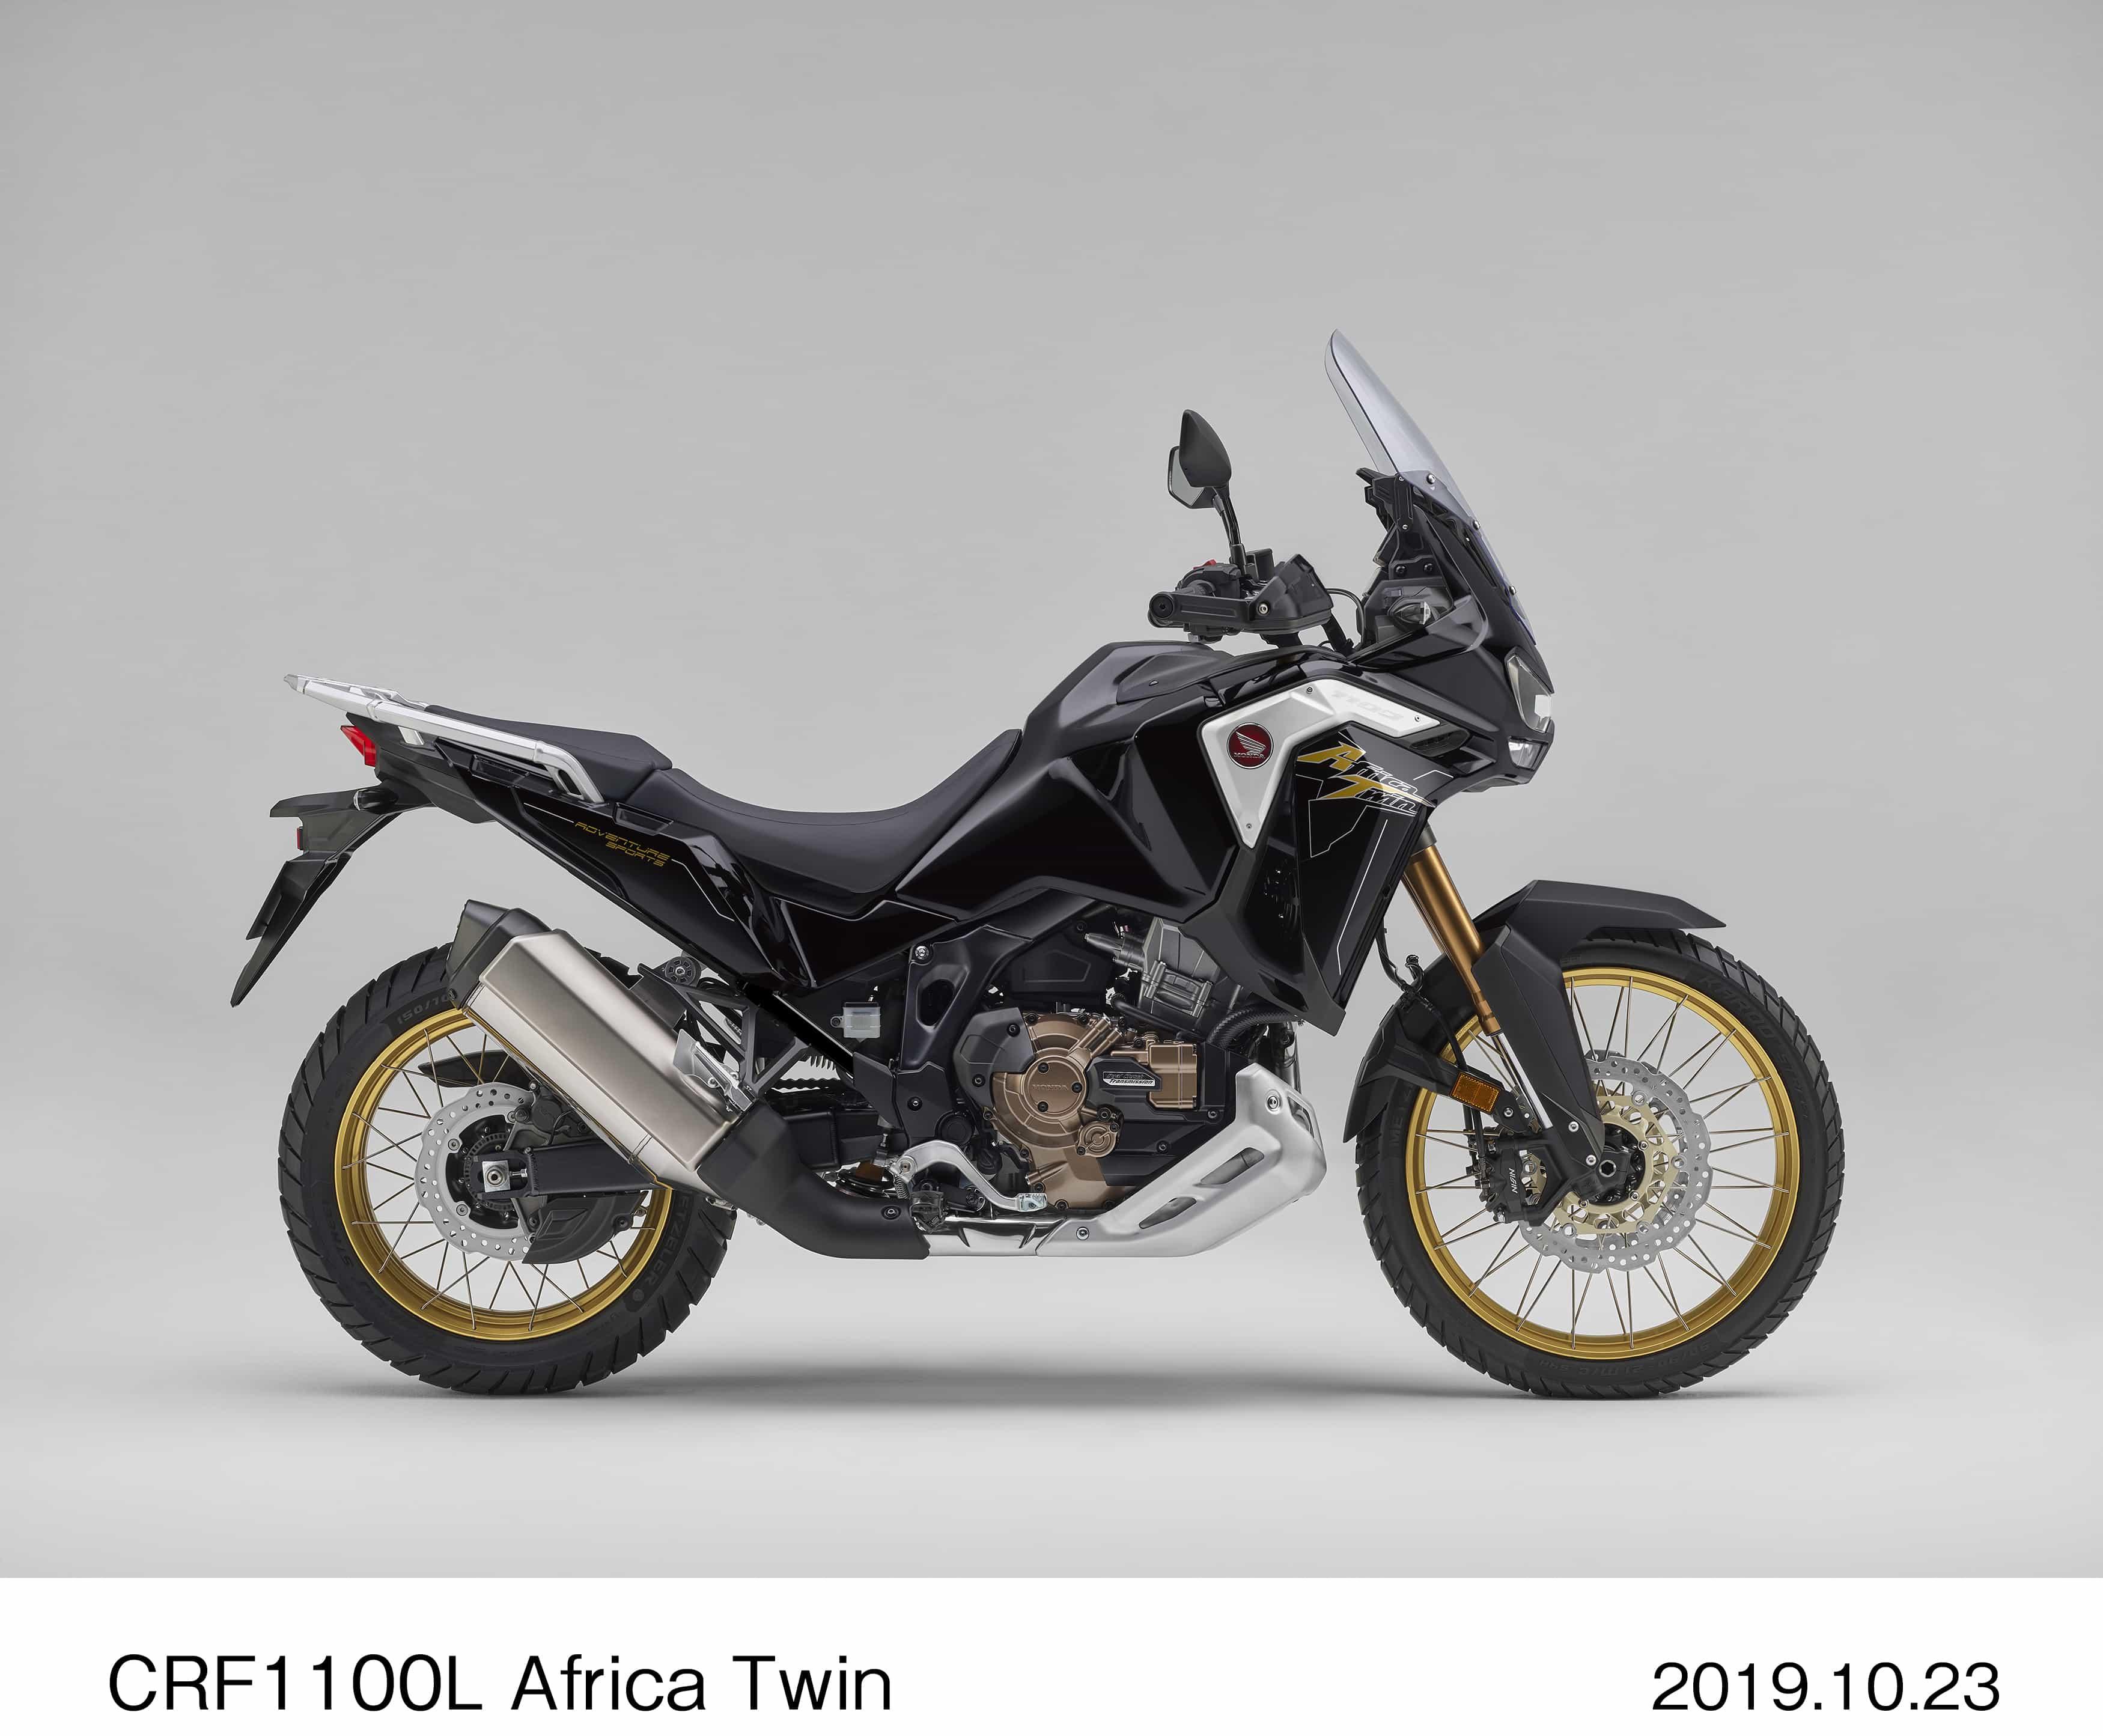 ホンダ 東京モーターショーでCRF1100L Africa Twinシリーズを発表